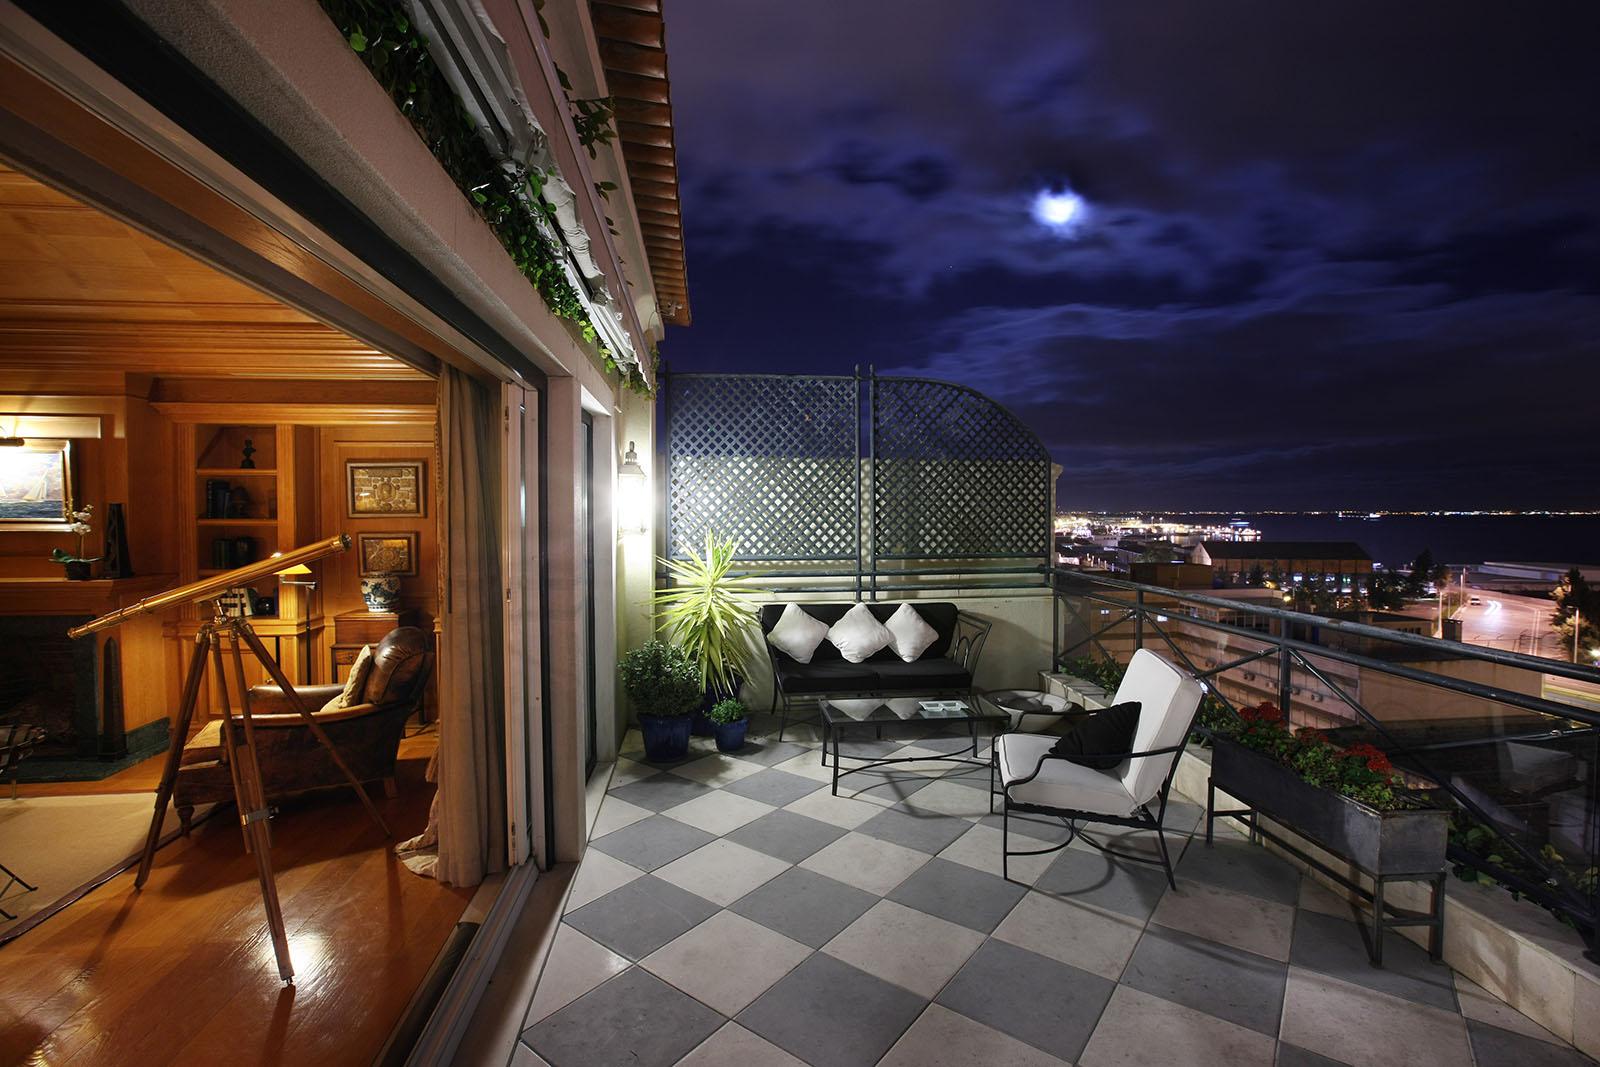 Lisbon Heritage Hotels - Historic Hotels - Janelas Verdes